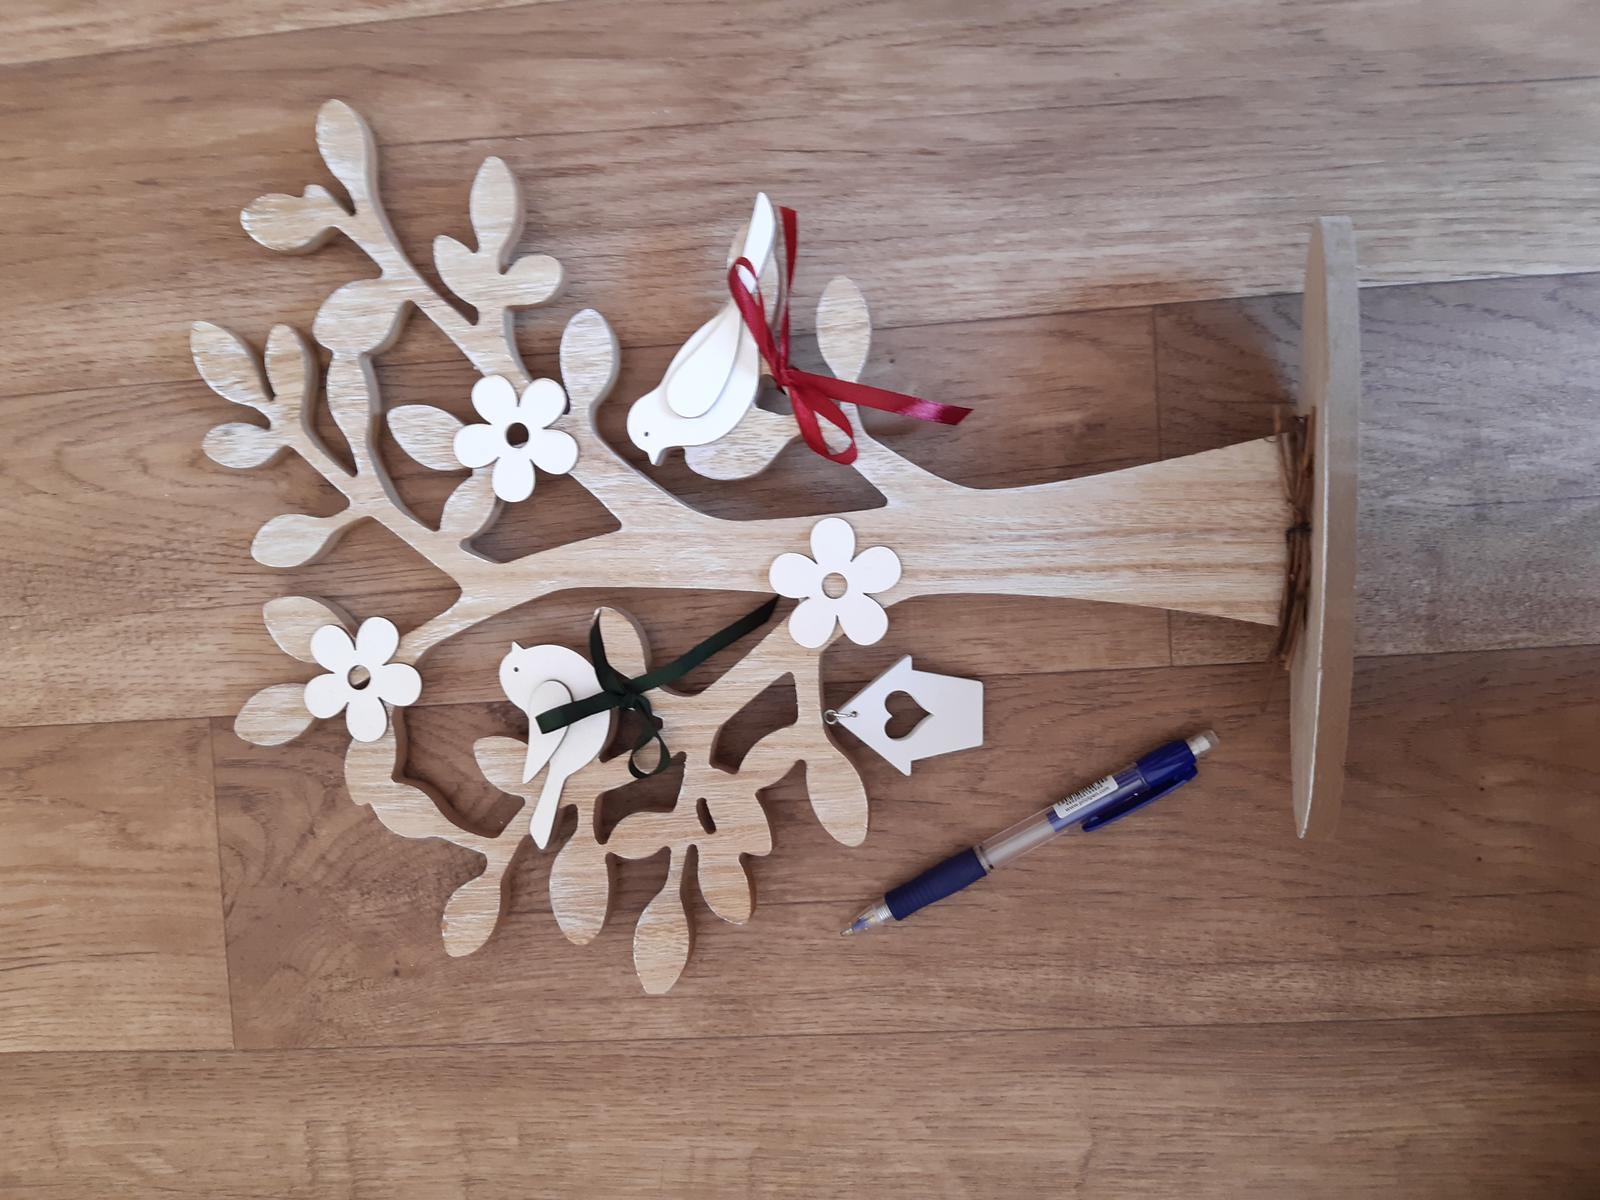 dřevěný strom, dekorace s ptáčky - Obrázek č. 3